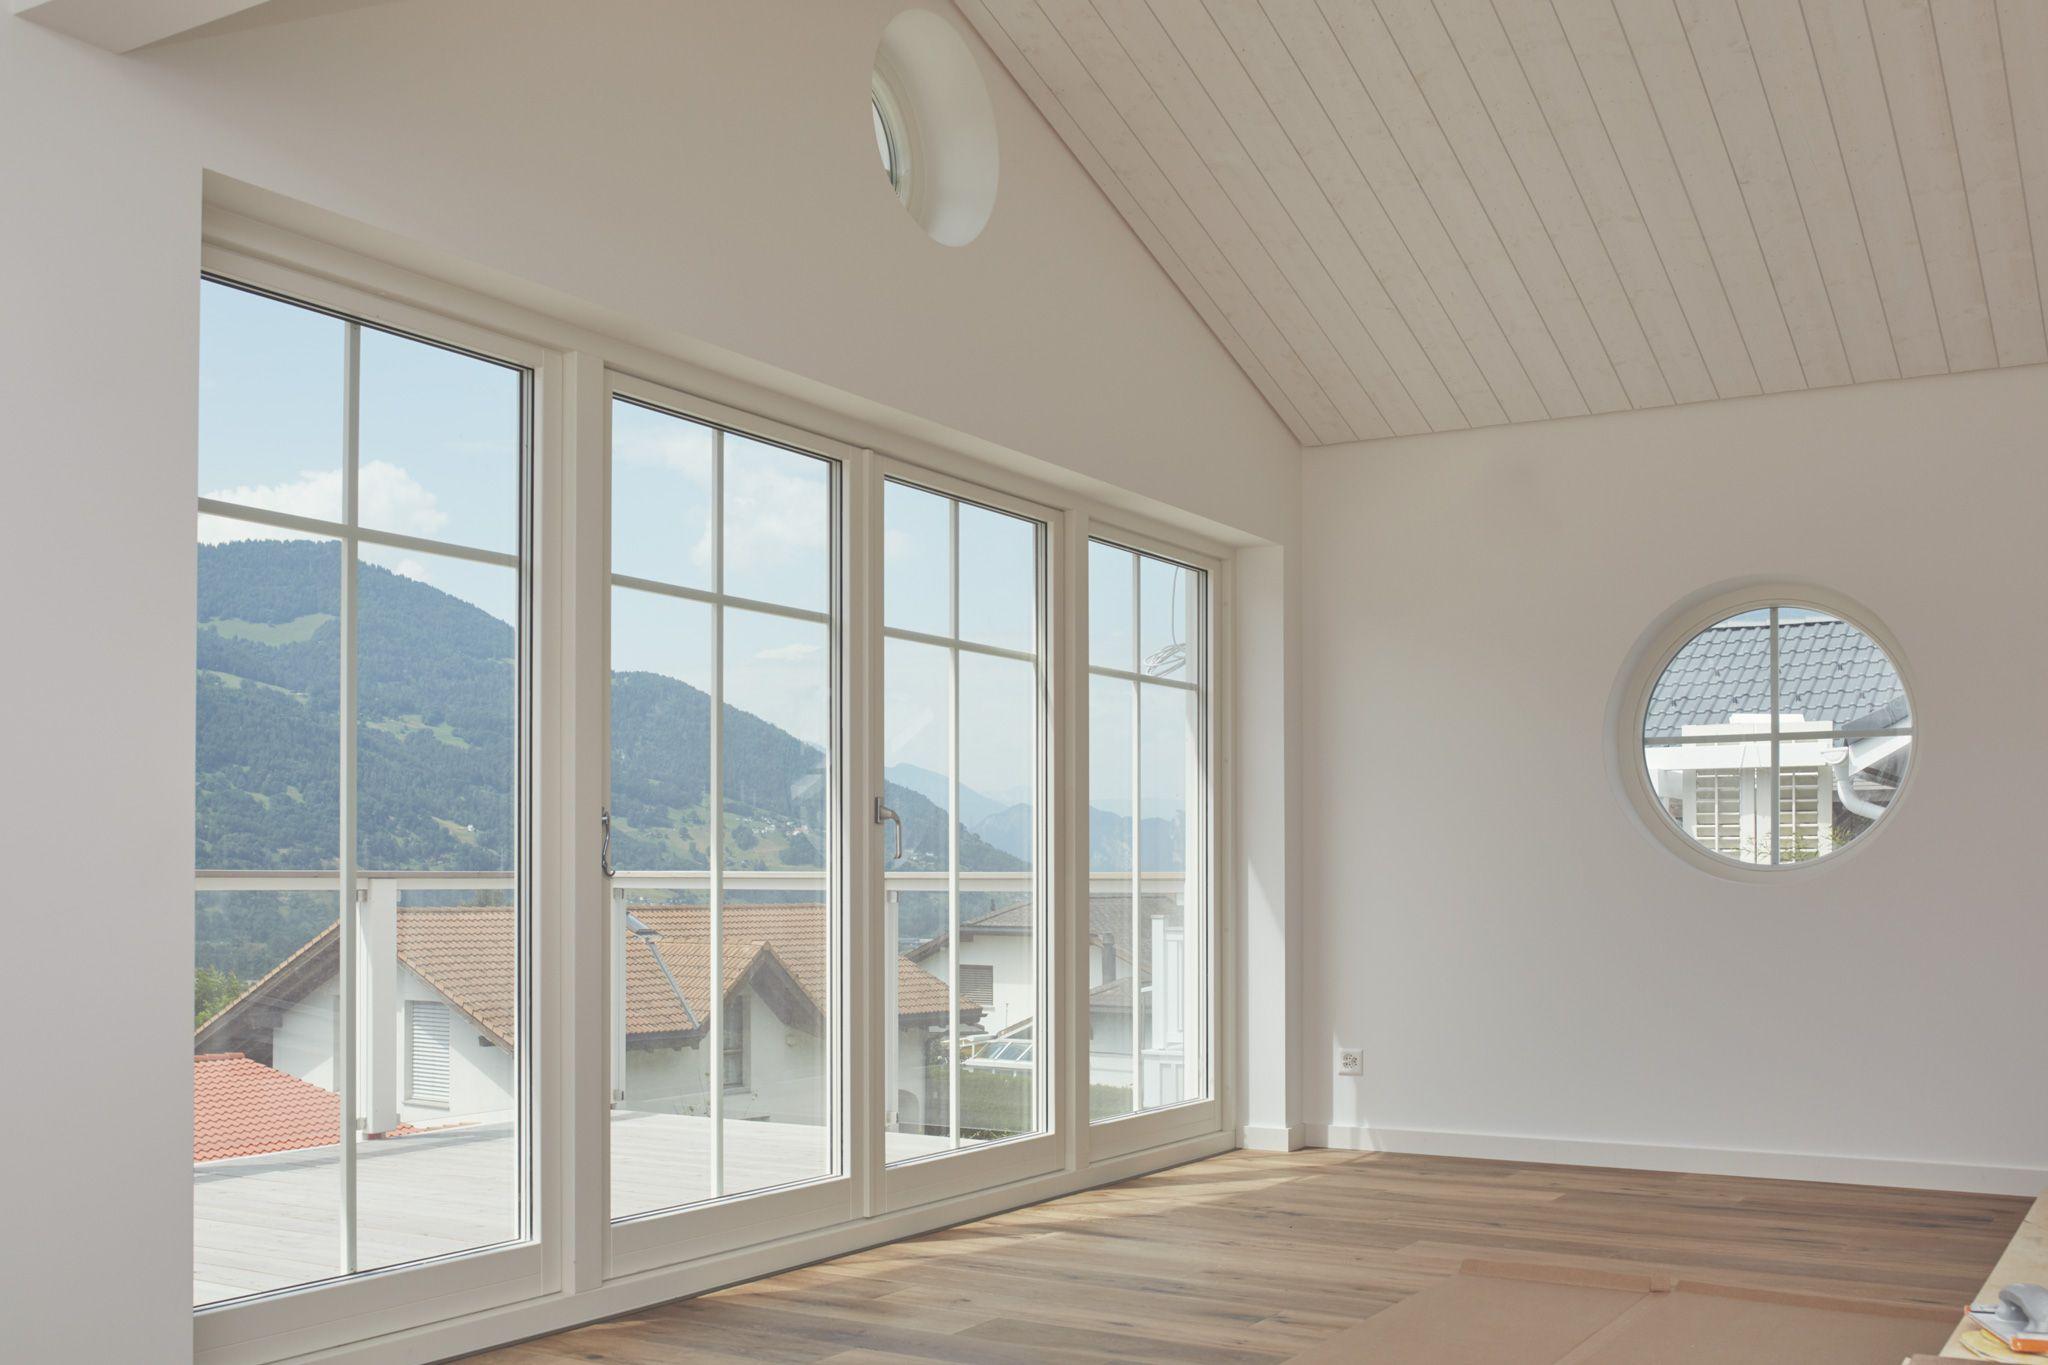 Fensterfront wohnzimmer ~ Weiss vertäfelte kathedraldecke und rundes fenster geben einen